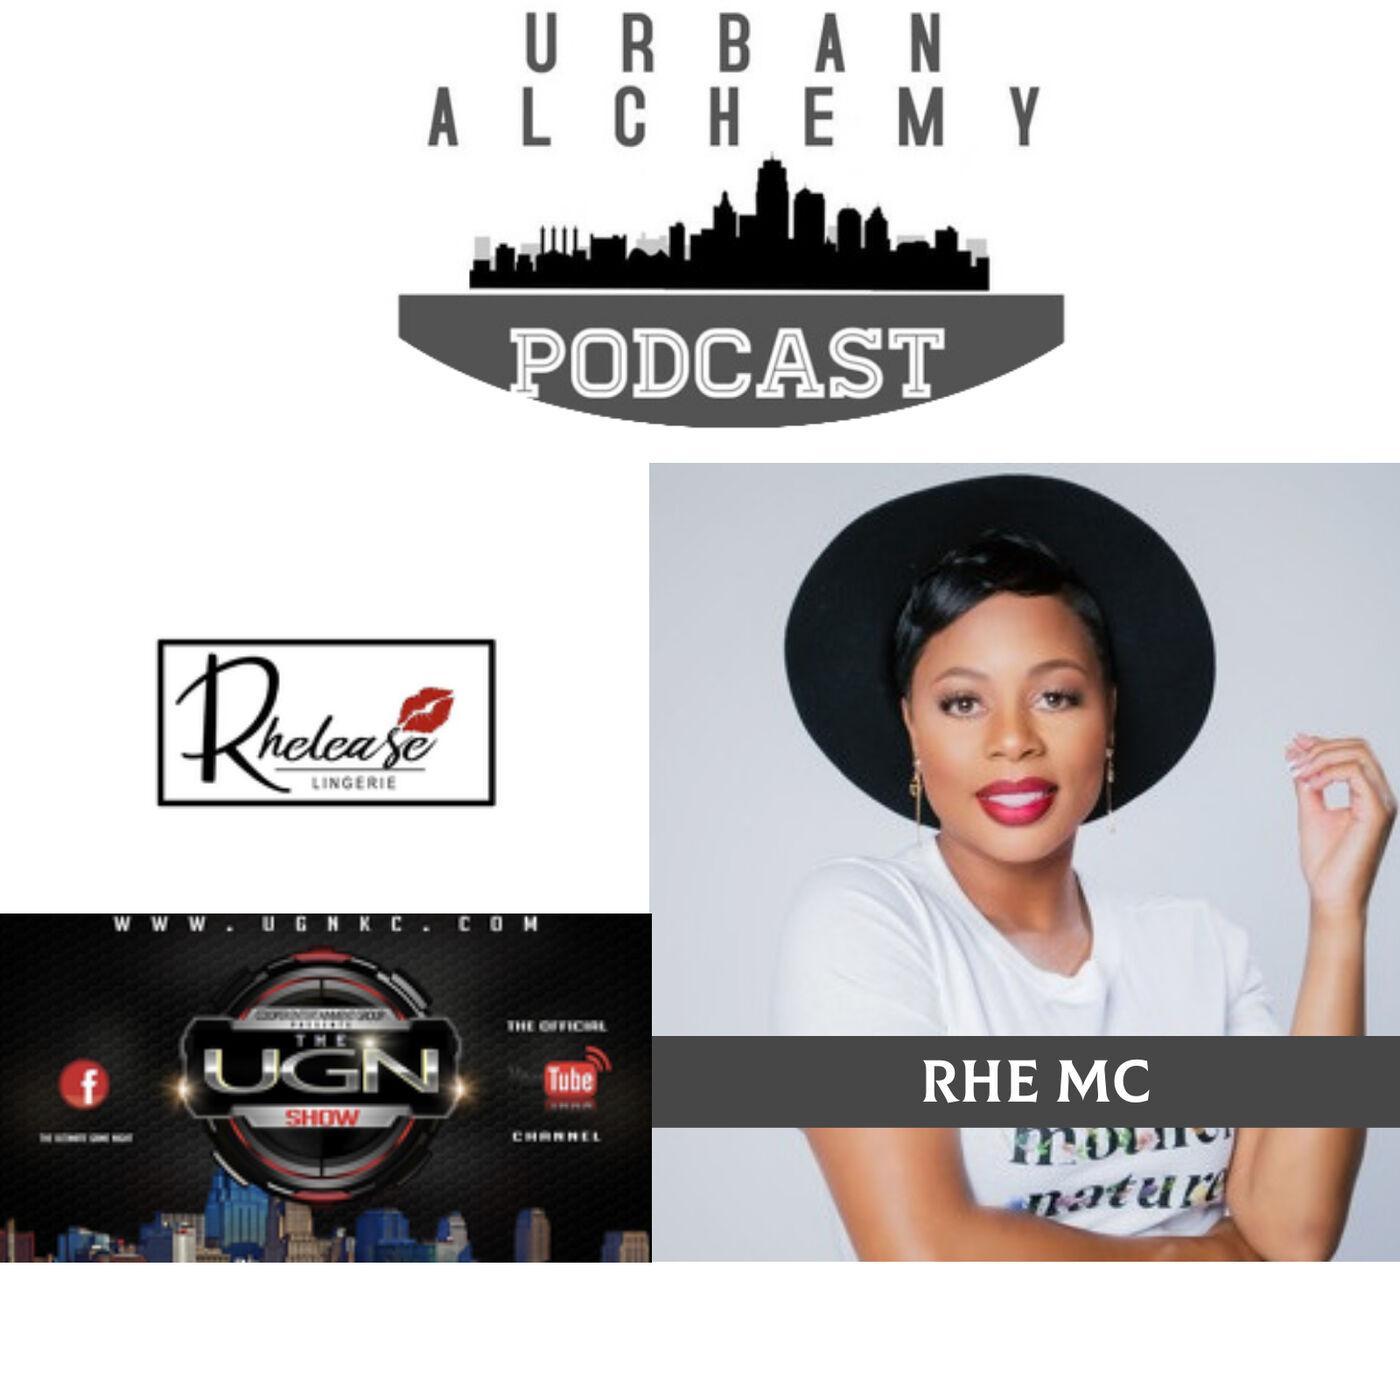 Rhe MC - Ultimate Game Night/ Rhelease Lingerie